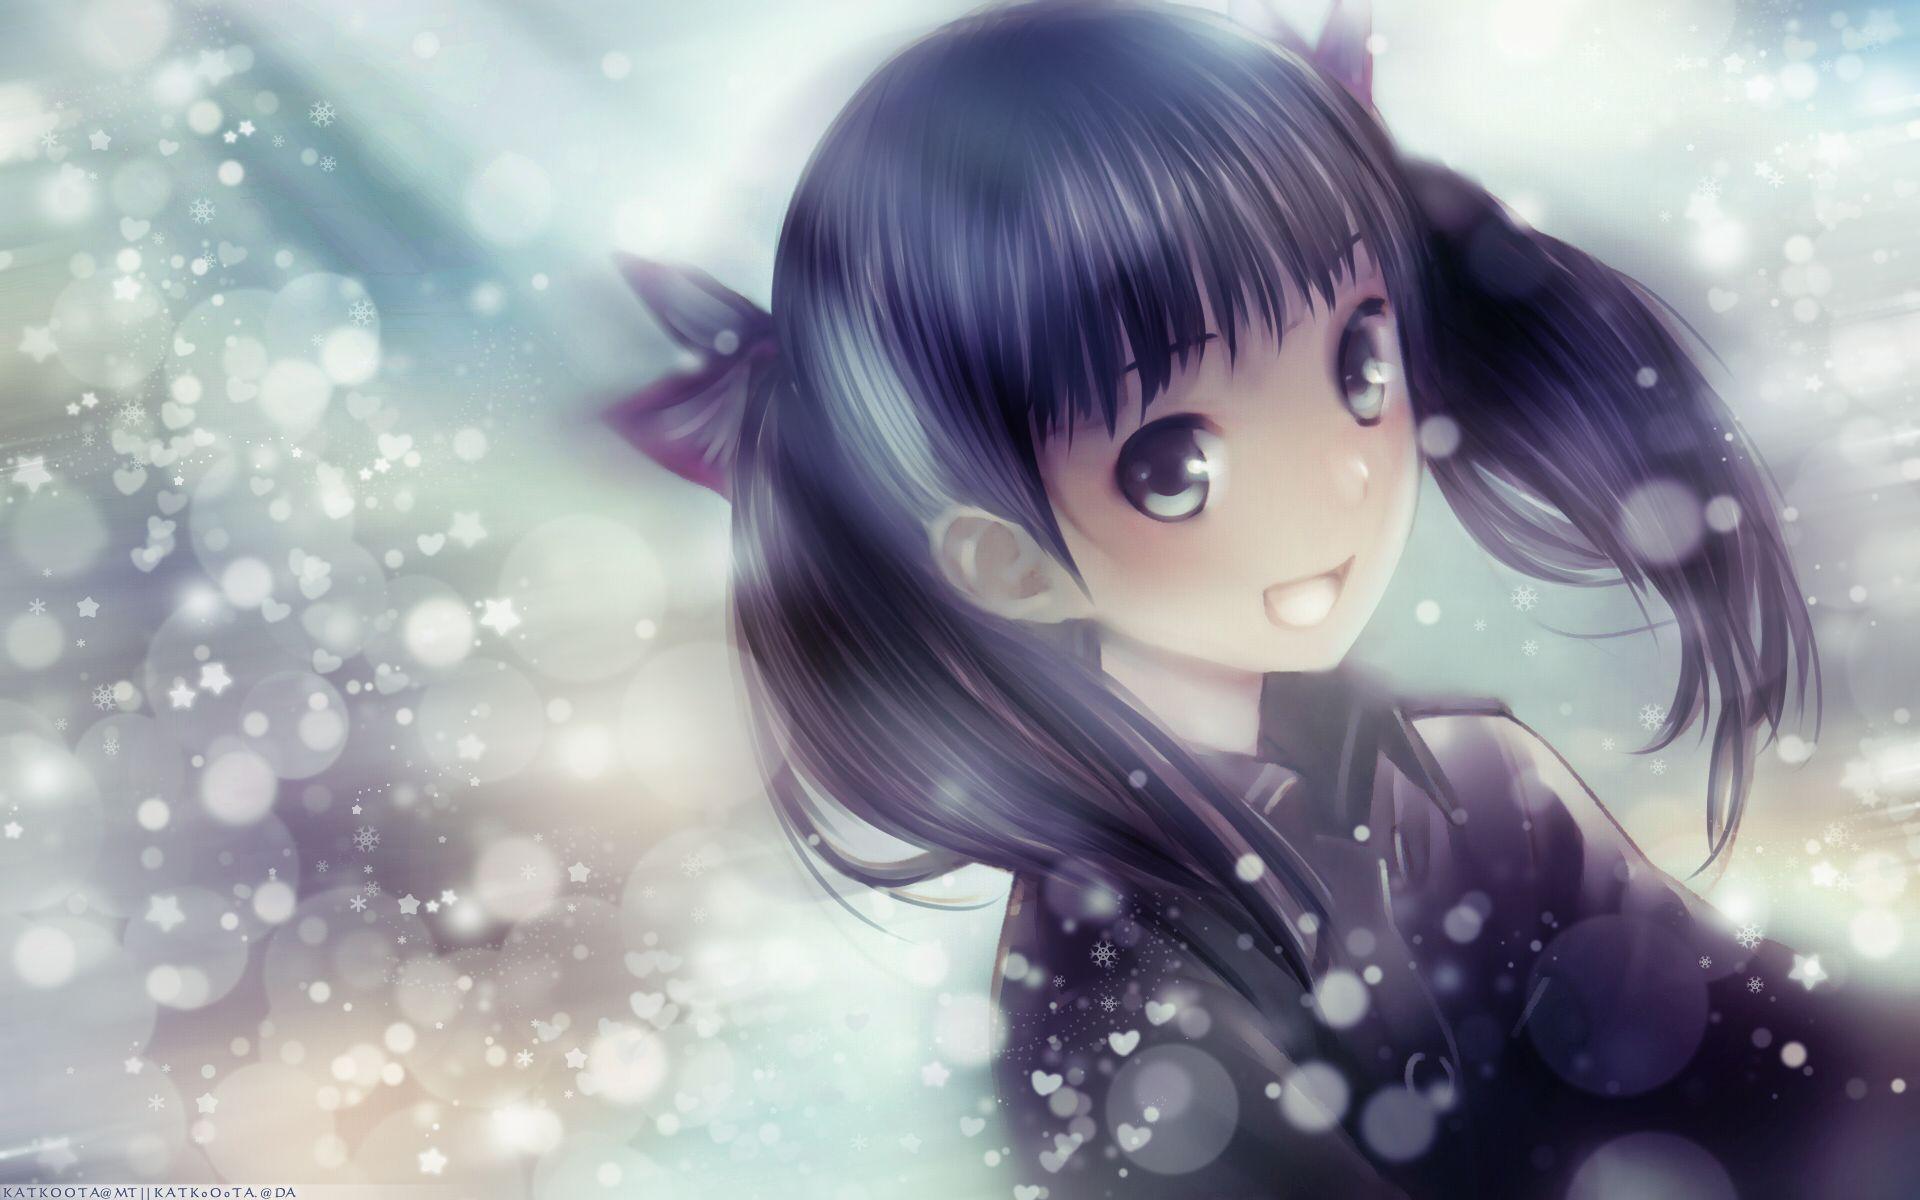 Anime Cute Girl HD Widescreen Desktop Wallpaper(画像あり) ナノ